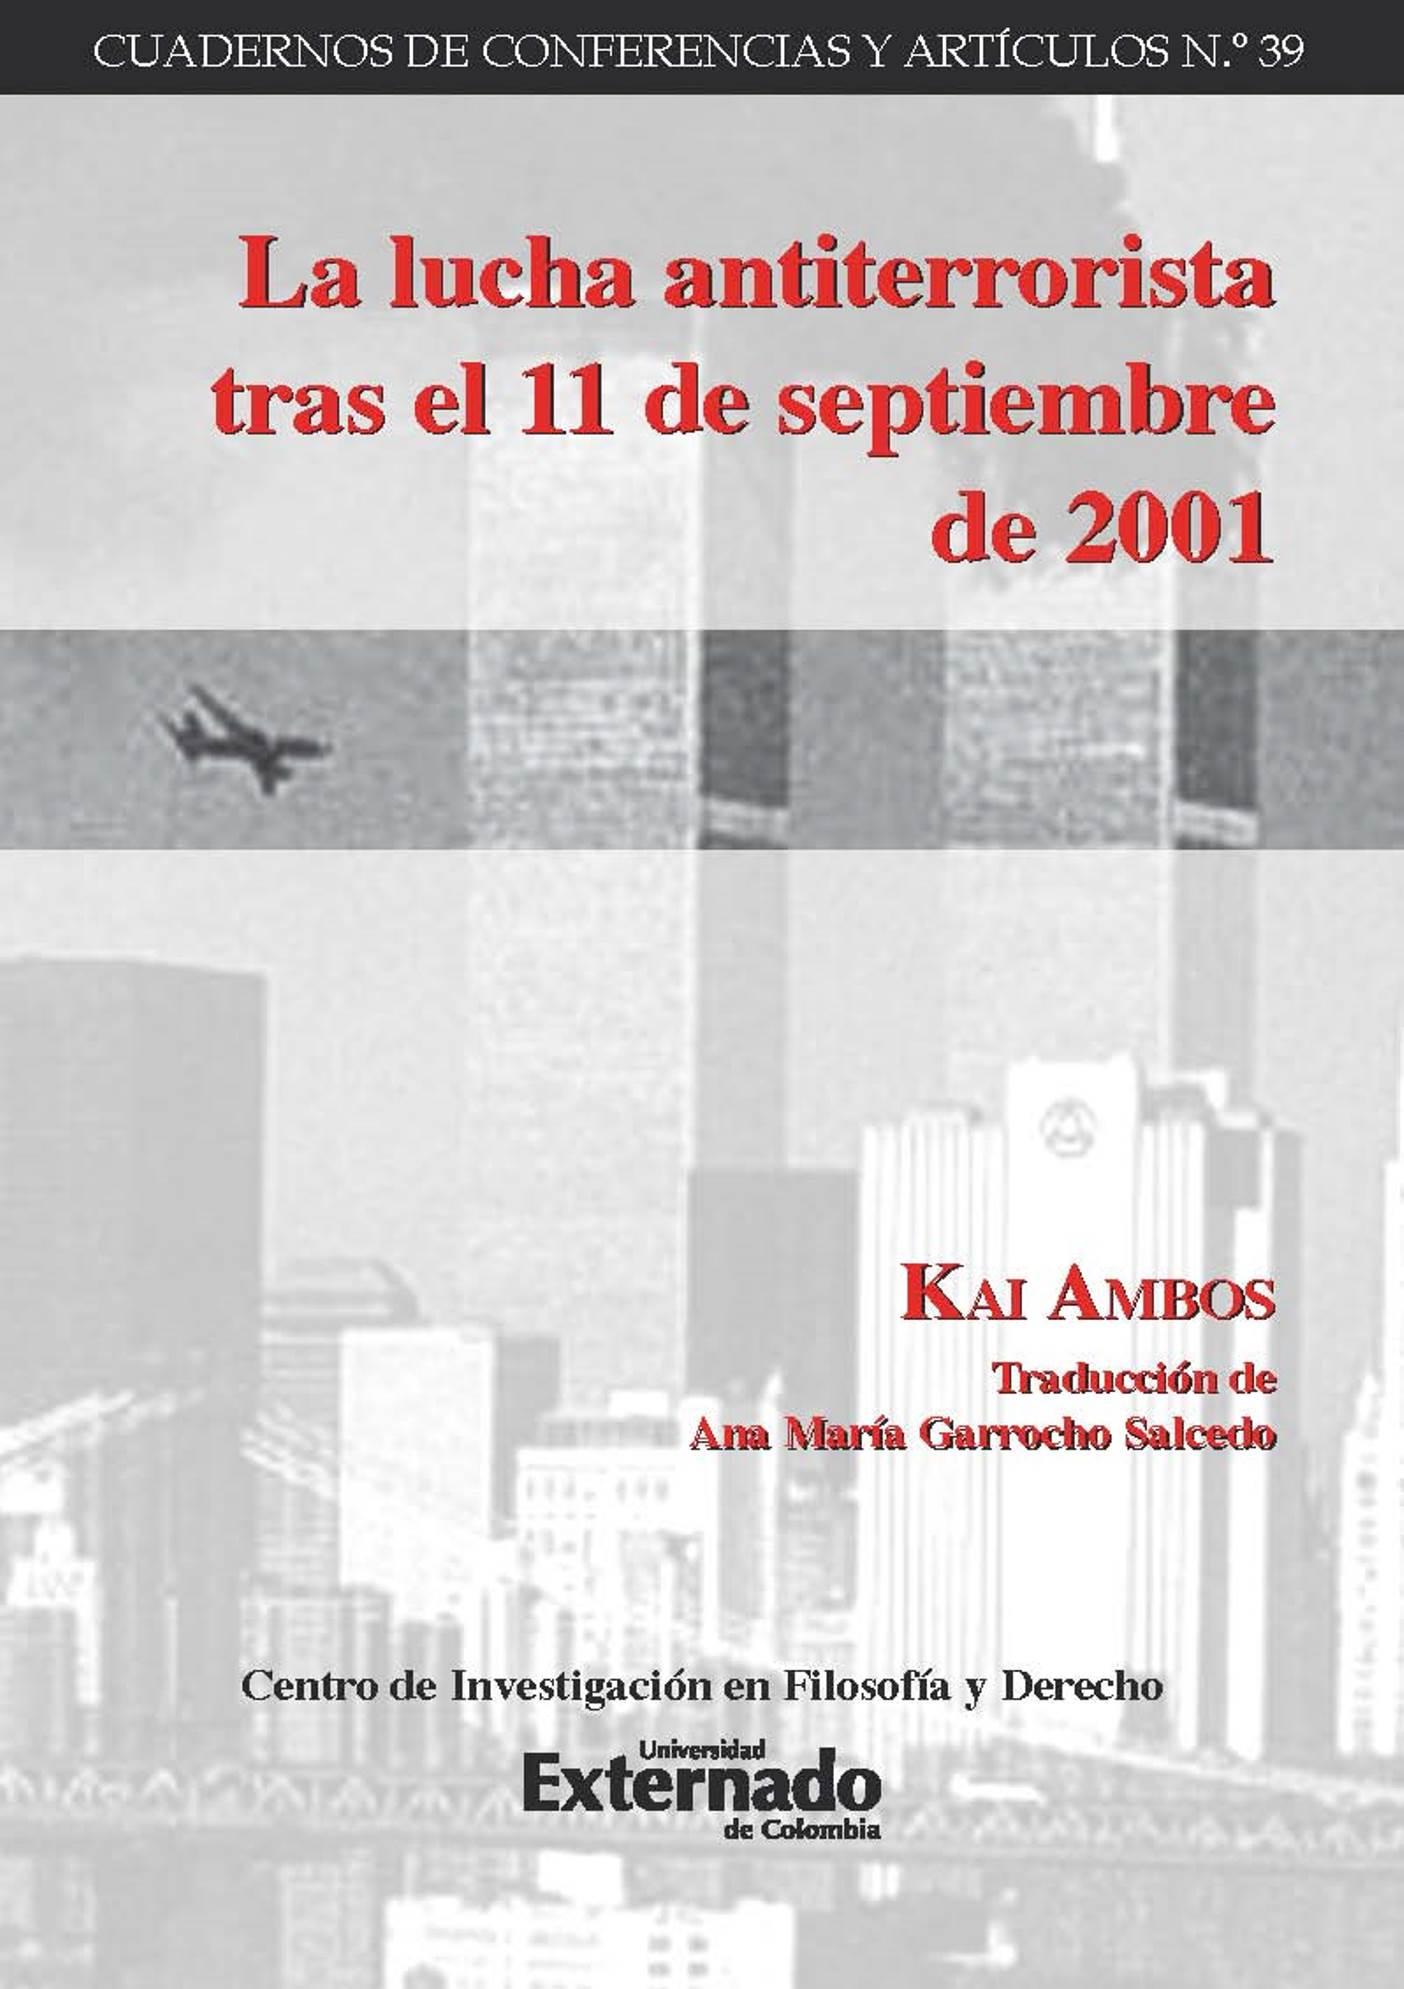 Kai Ambos La lucha antiterrorista tras el 11 de septiembre de 2001